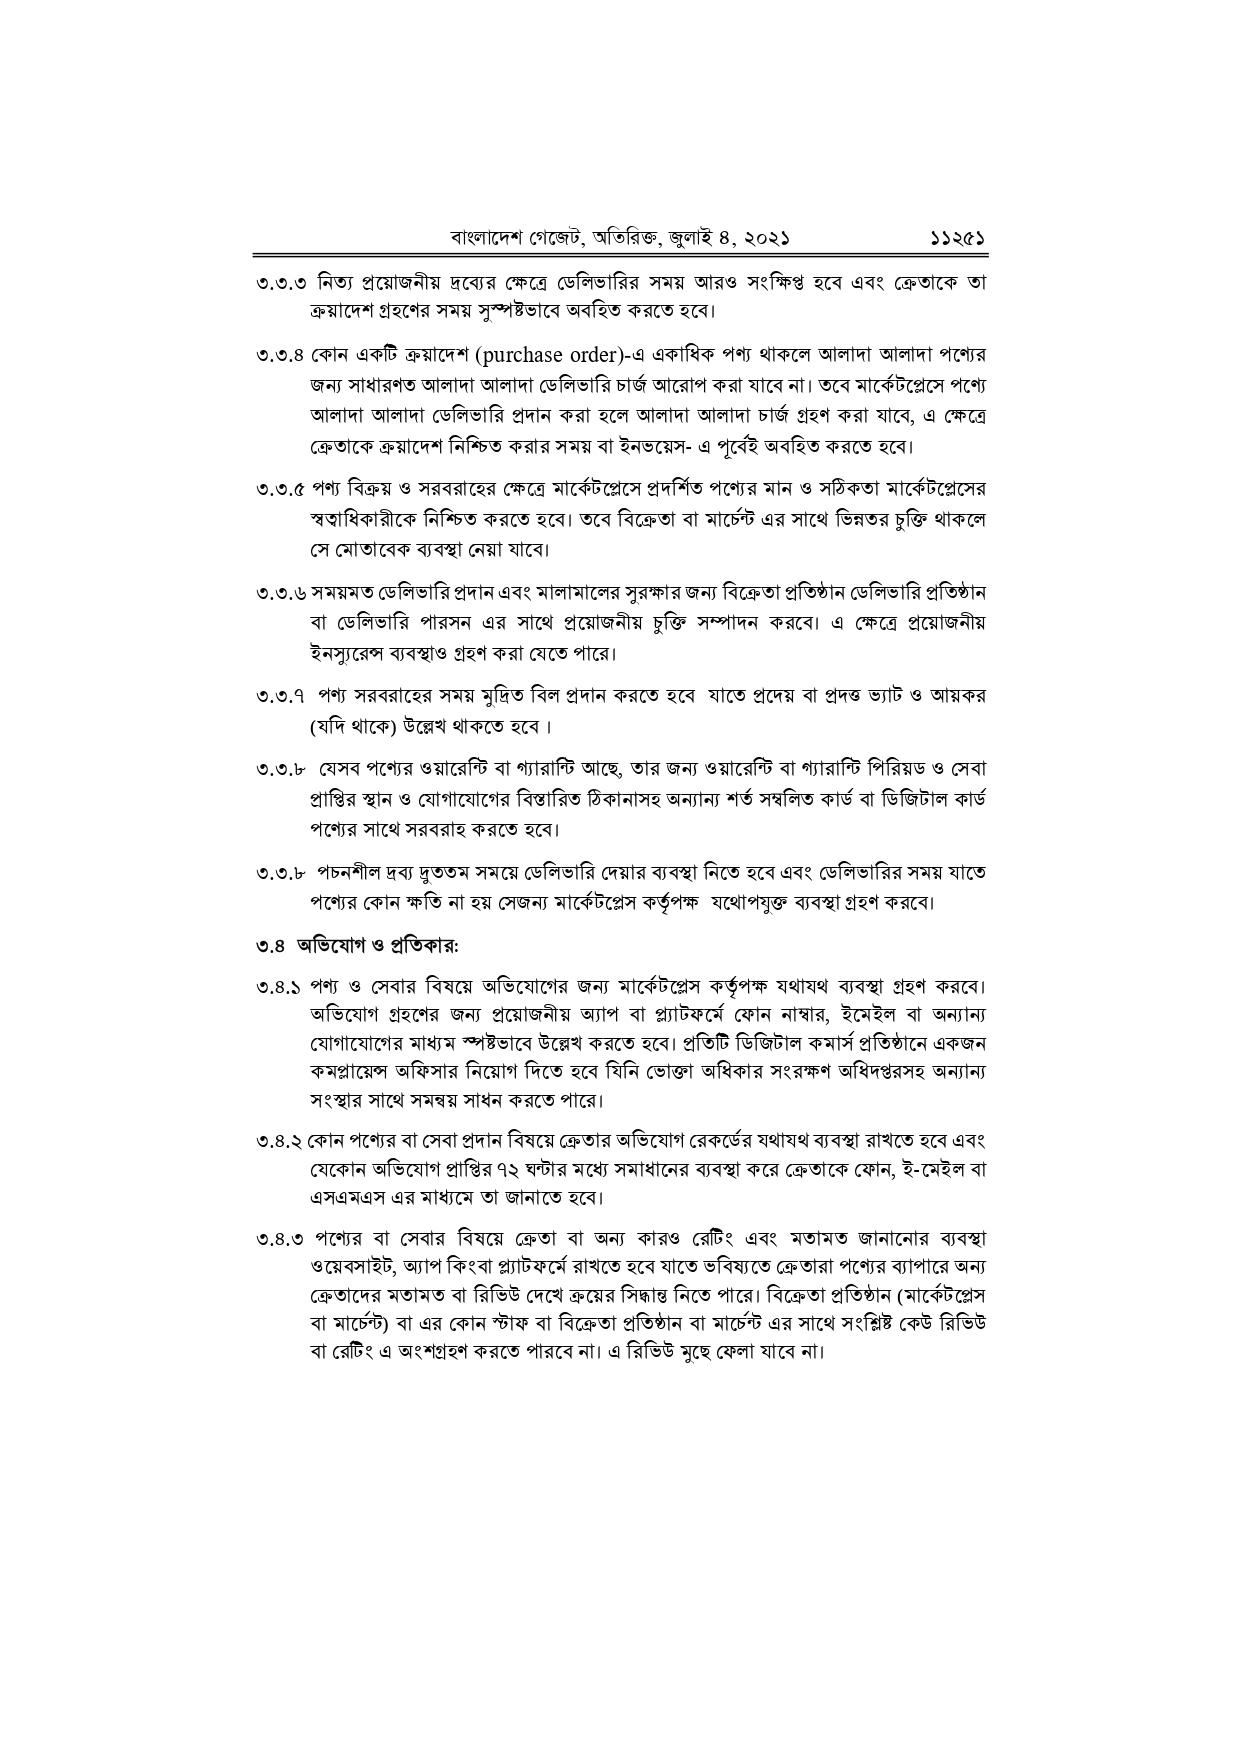 ডিজিটাল কমার্স পরিচালনা নির্দেশিকা 2021  ||  Digital Commerce Operation Guideline-2021